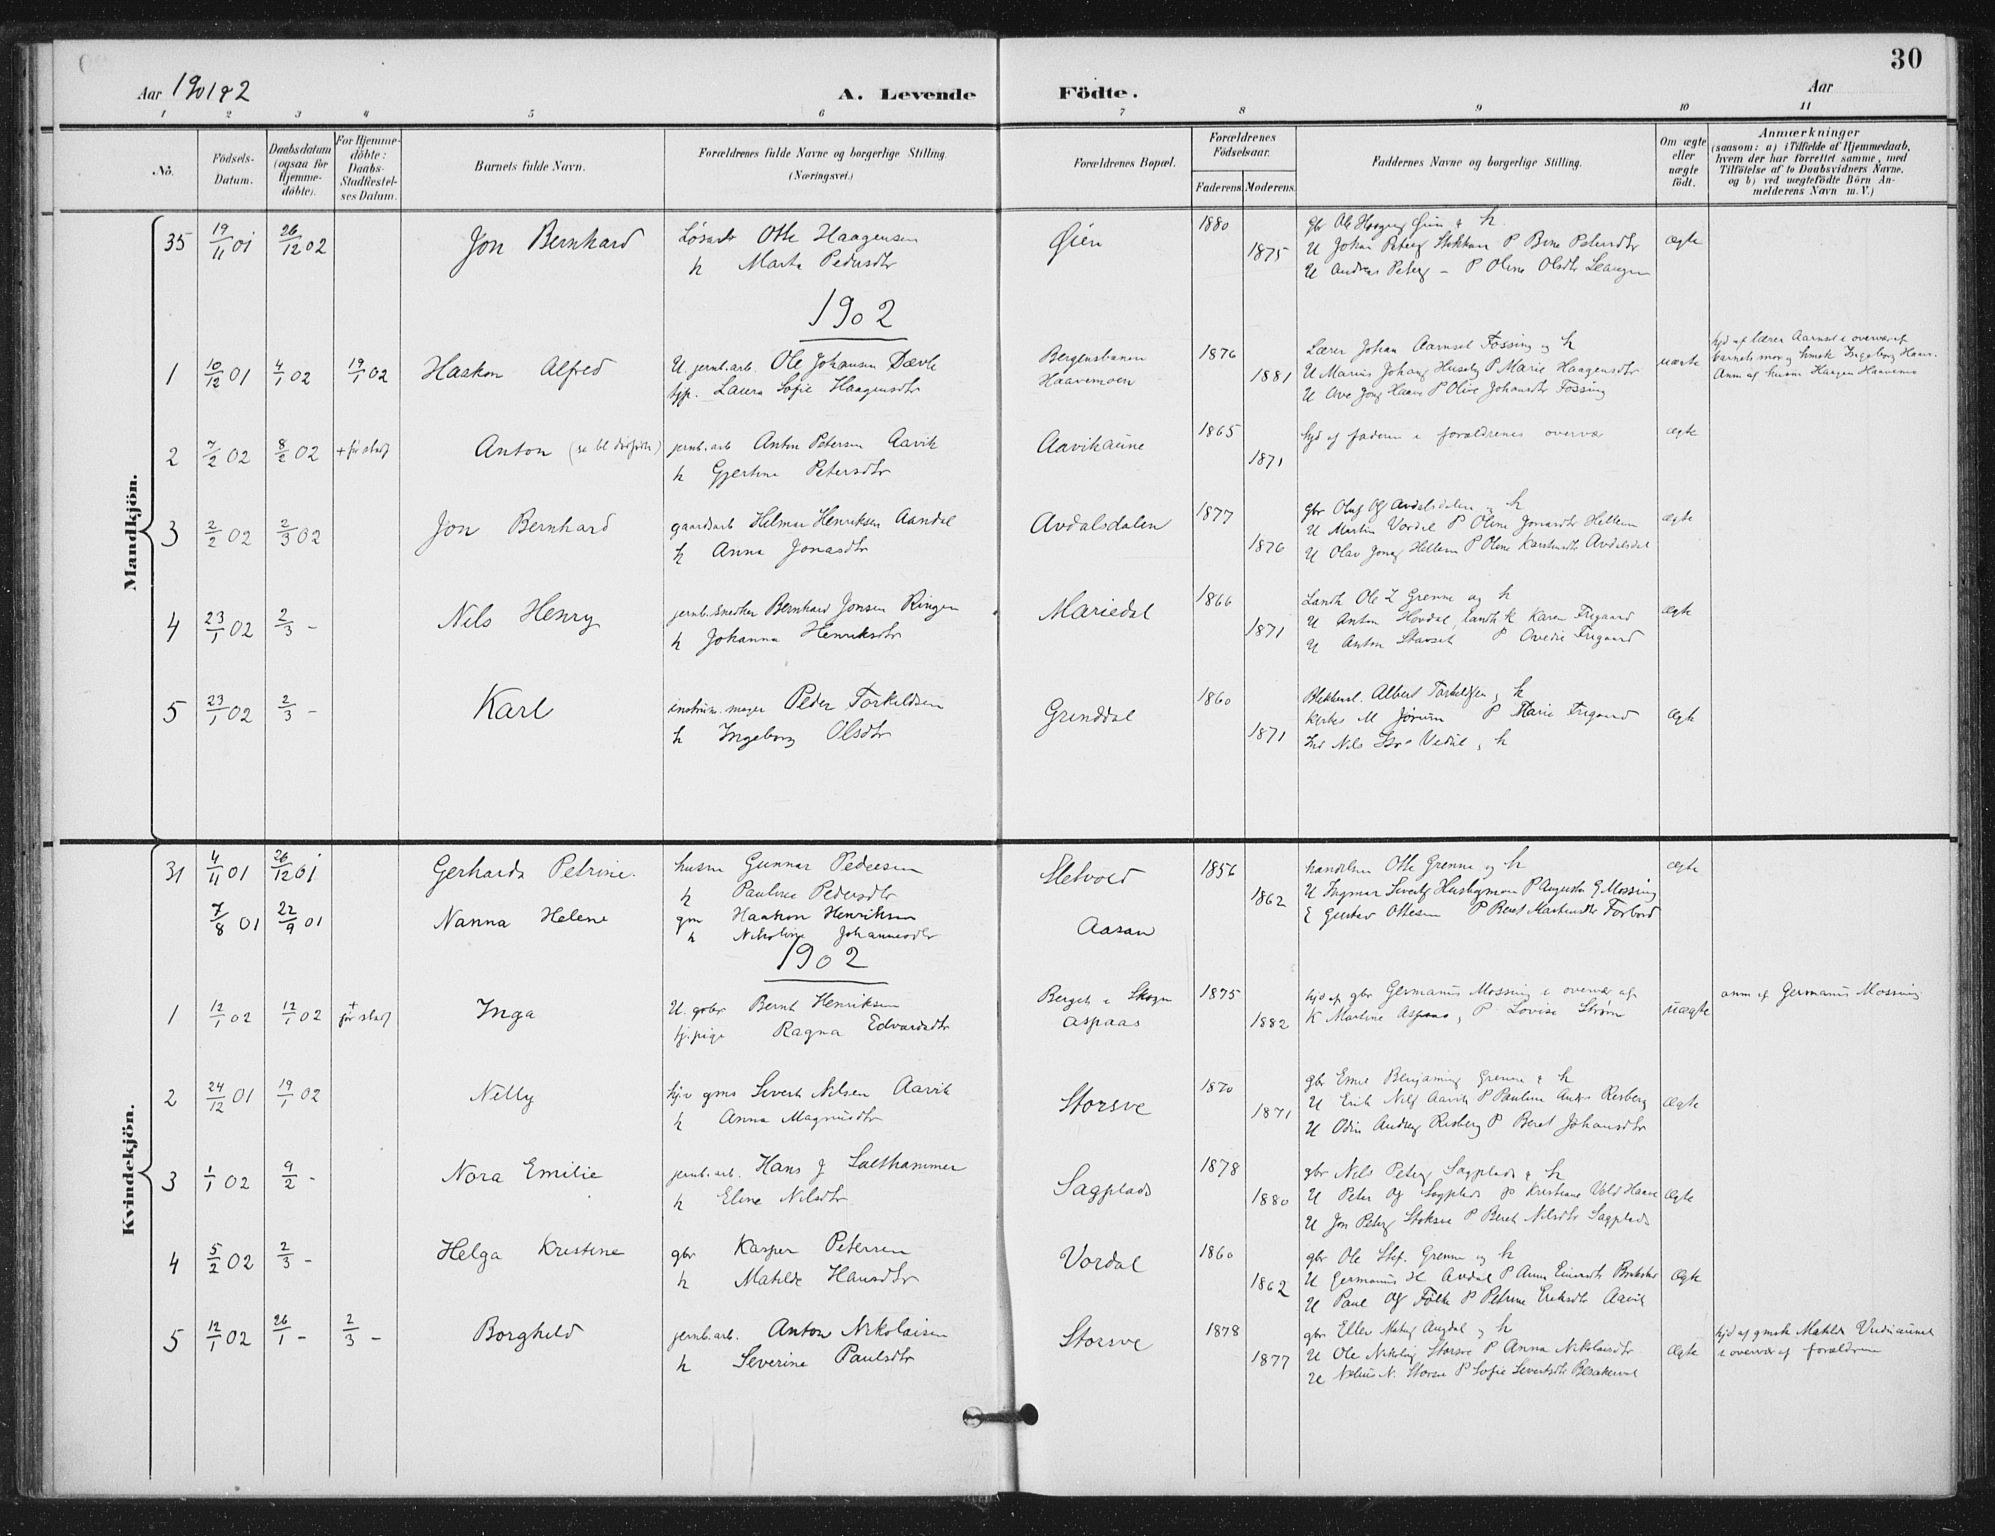 SAT, Ministerialprotokoller, klokkerbøker og fødselsregistre - Nord-Trøndelag, 714/L0131: Ministerialbok nr. 714A02, 1896-1918, s. 30